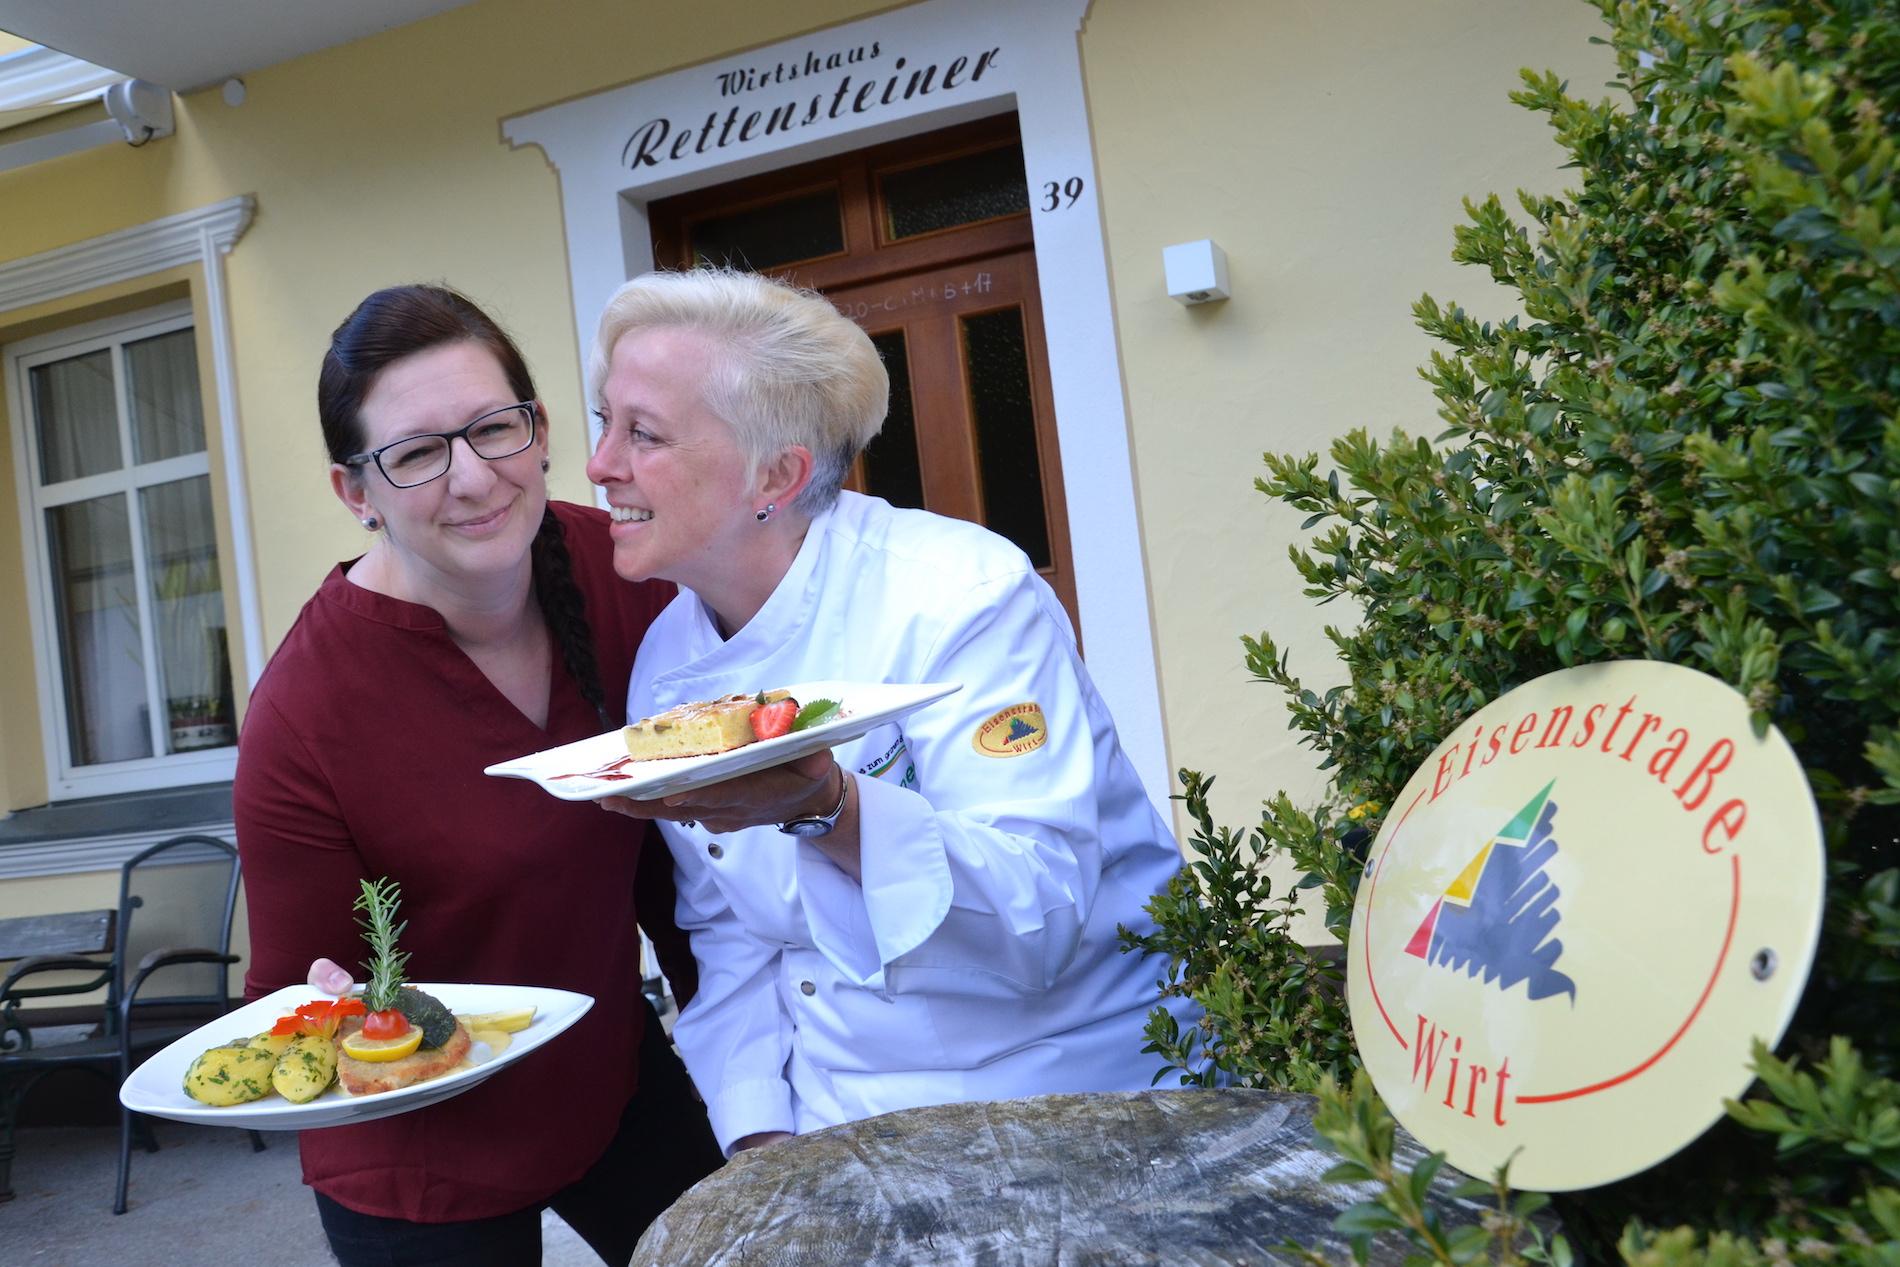 Chefin Eva Maria Hilbinger (l.) und Gastköchin Renate Kummer kochen beim Frühlingskulinarium im Rettensteinerhof am Mittwoch, 17. Mai, gemeinsam auf. Foto: eisenstrasse.info